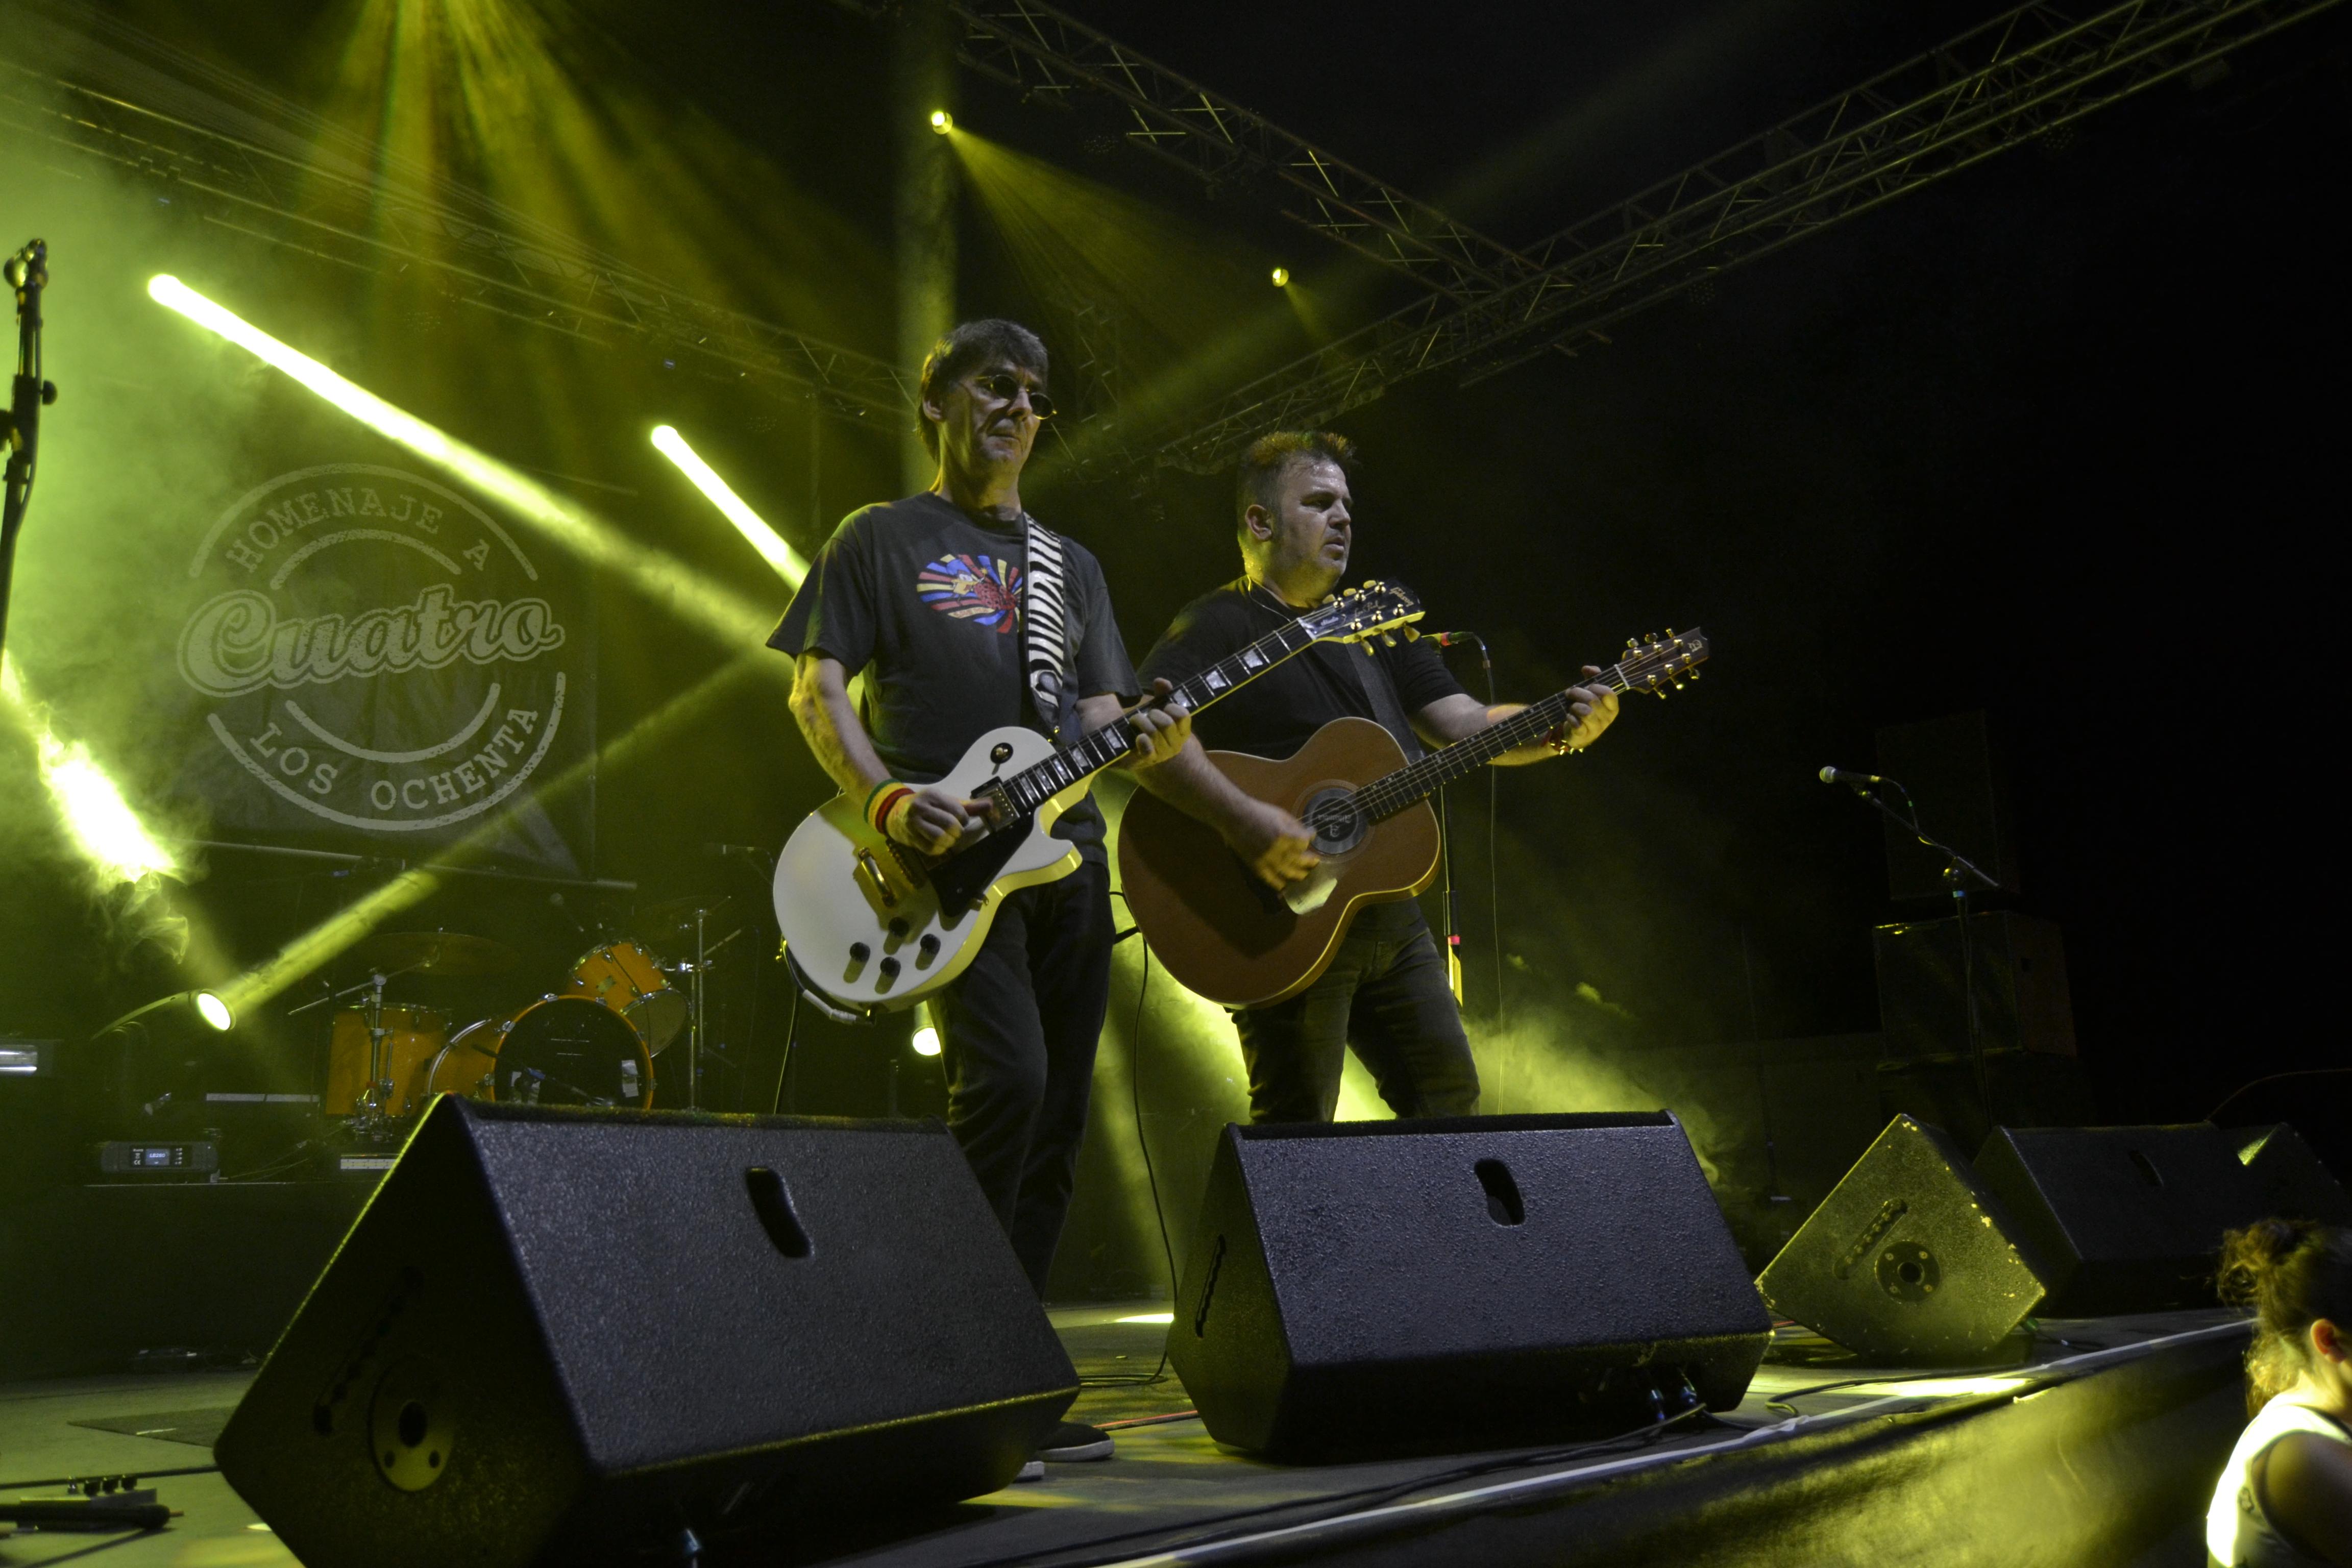 El grupo IV Cuatro durante una de sus actuaciones.